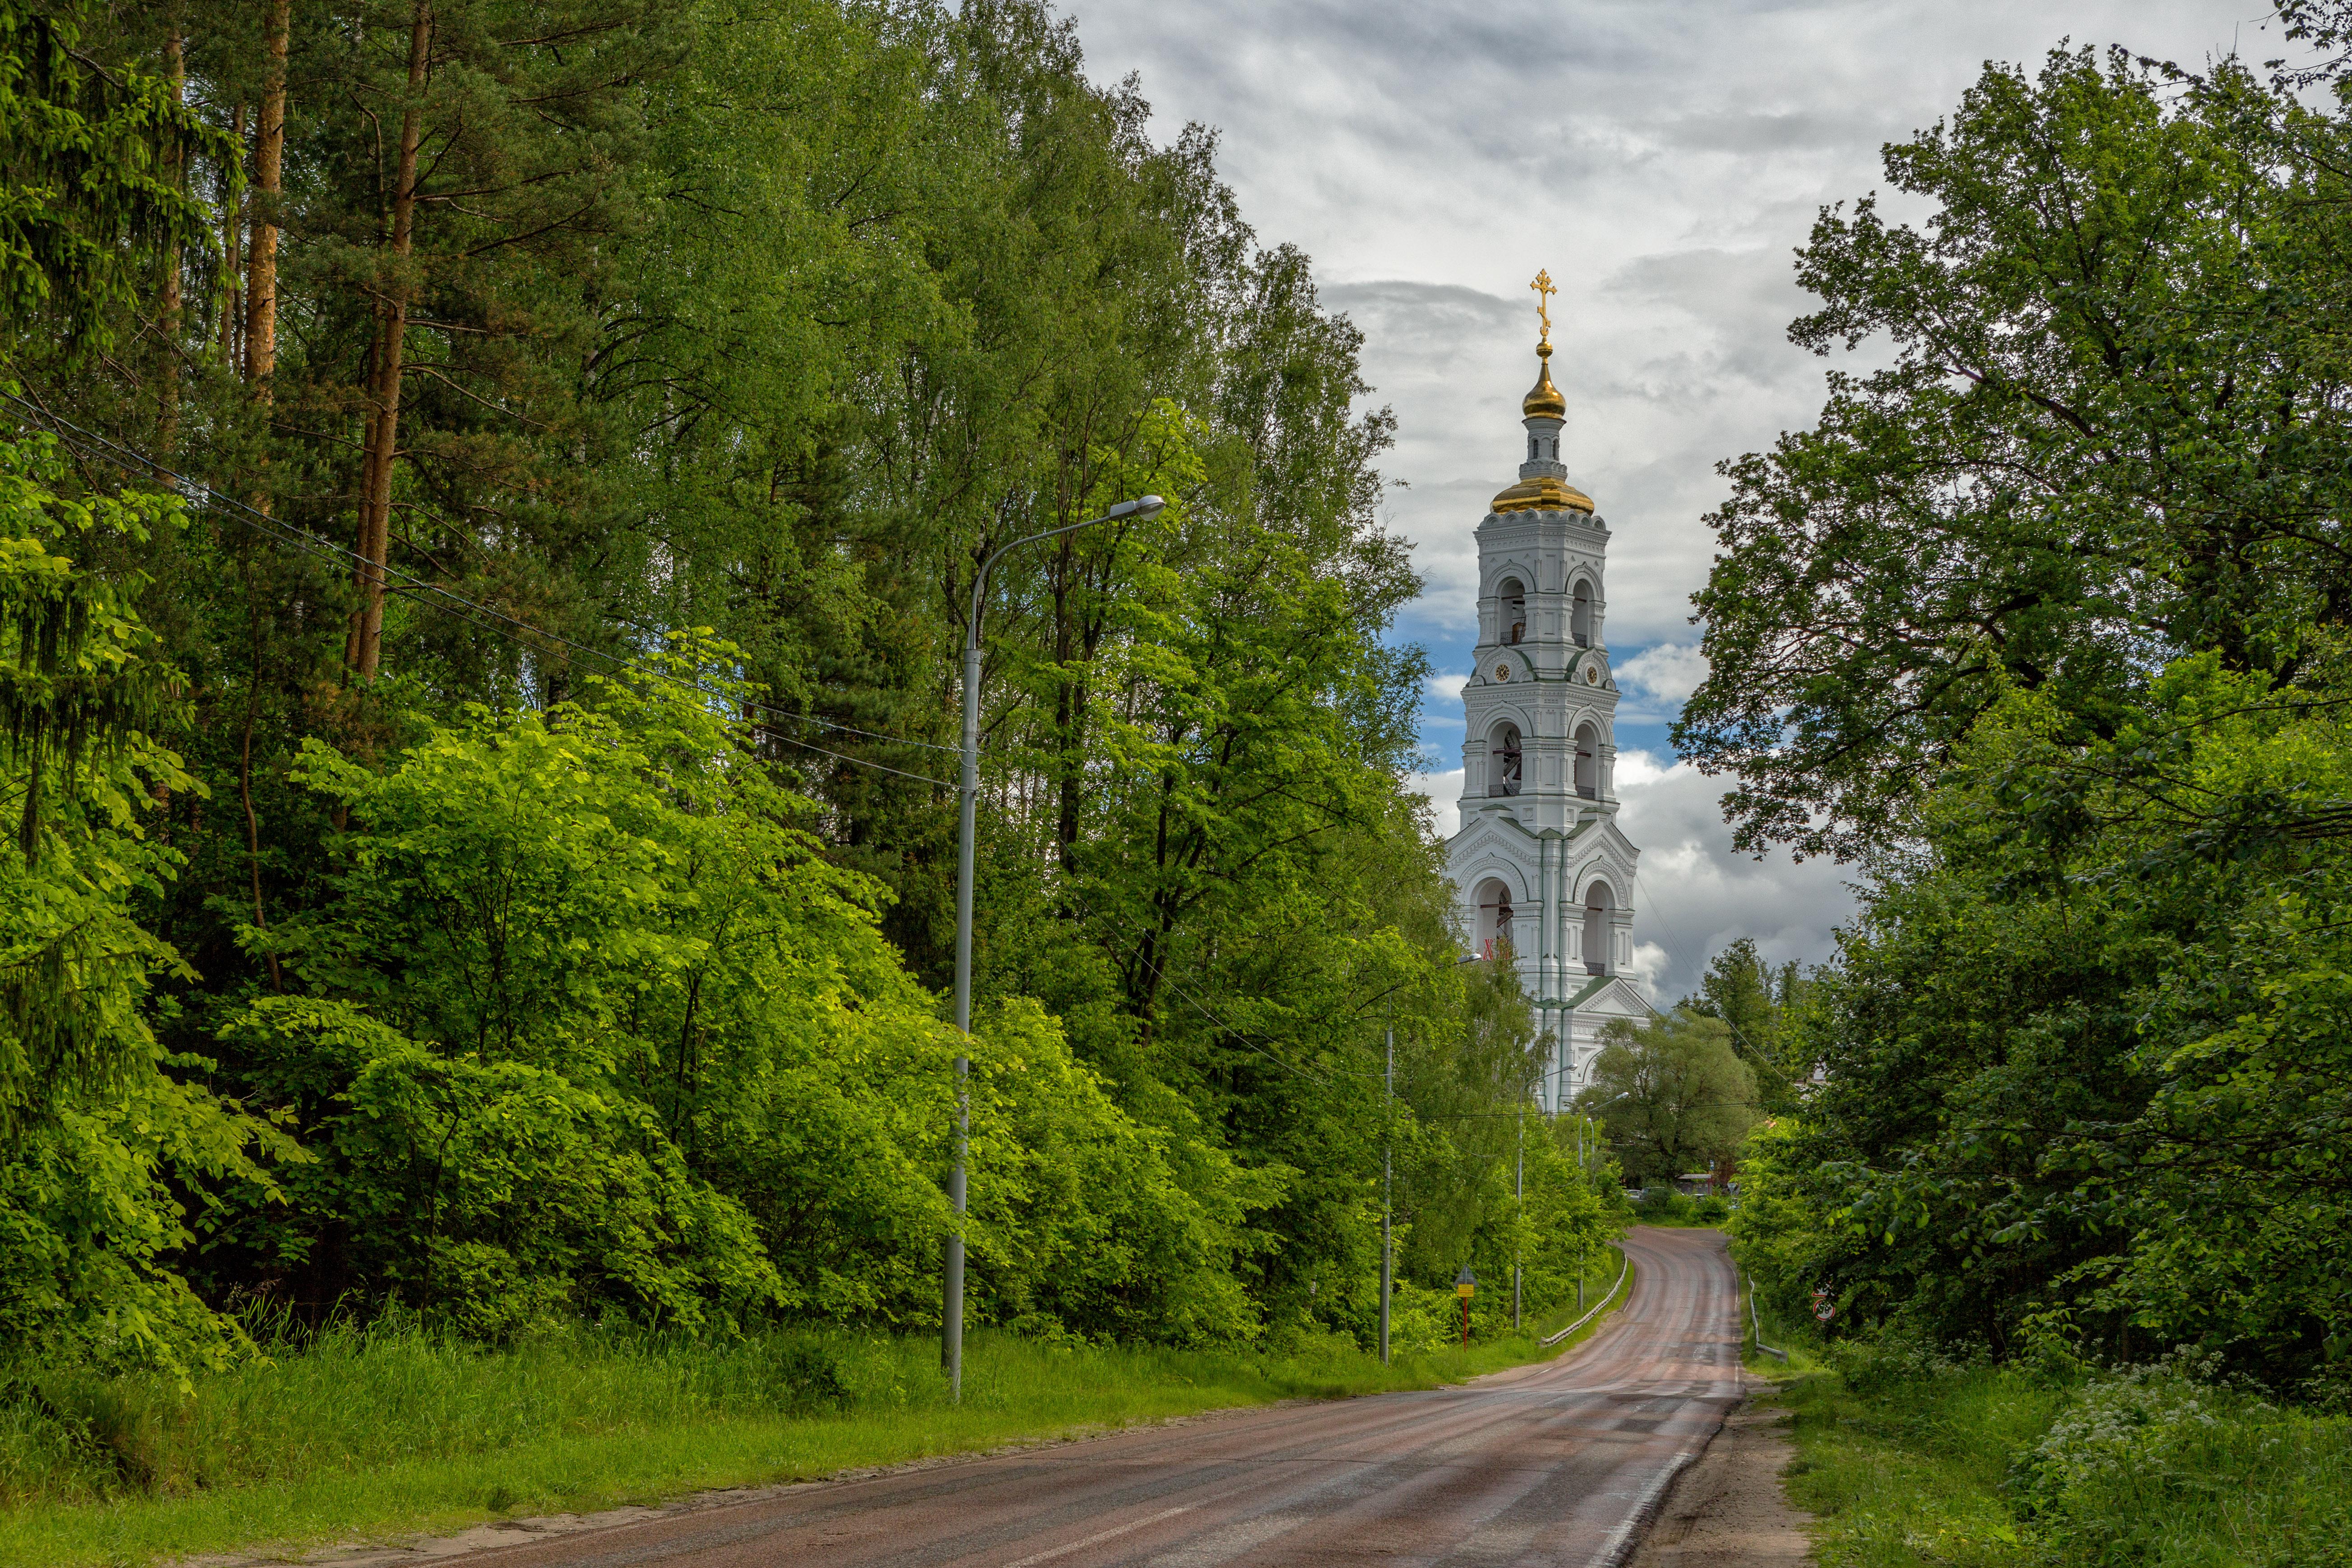 Николо-Берлюковская мужская пустынь. Вид на колокольню с дороги в деревню Авдотьино. июнь 2016.